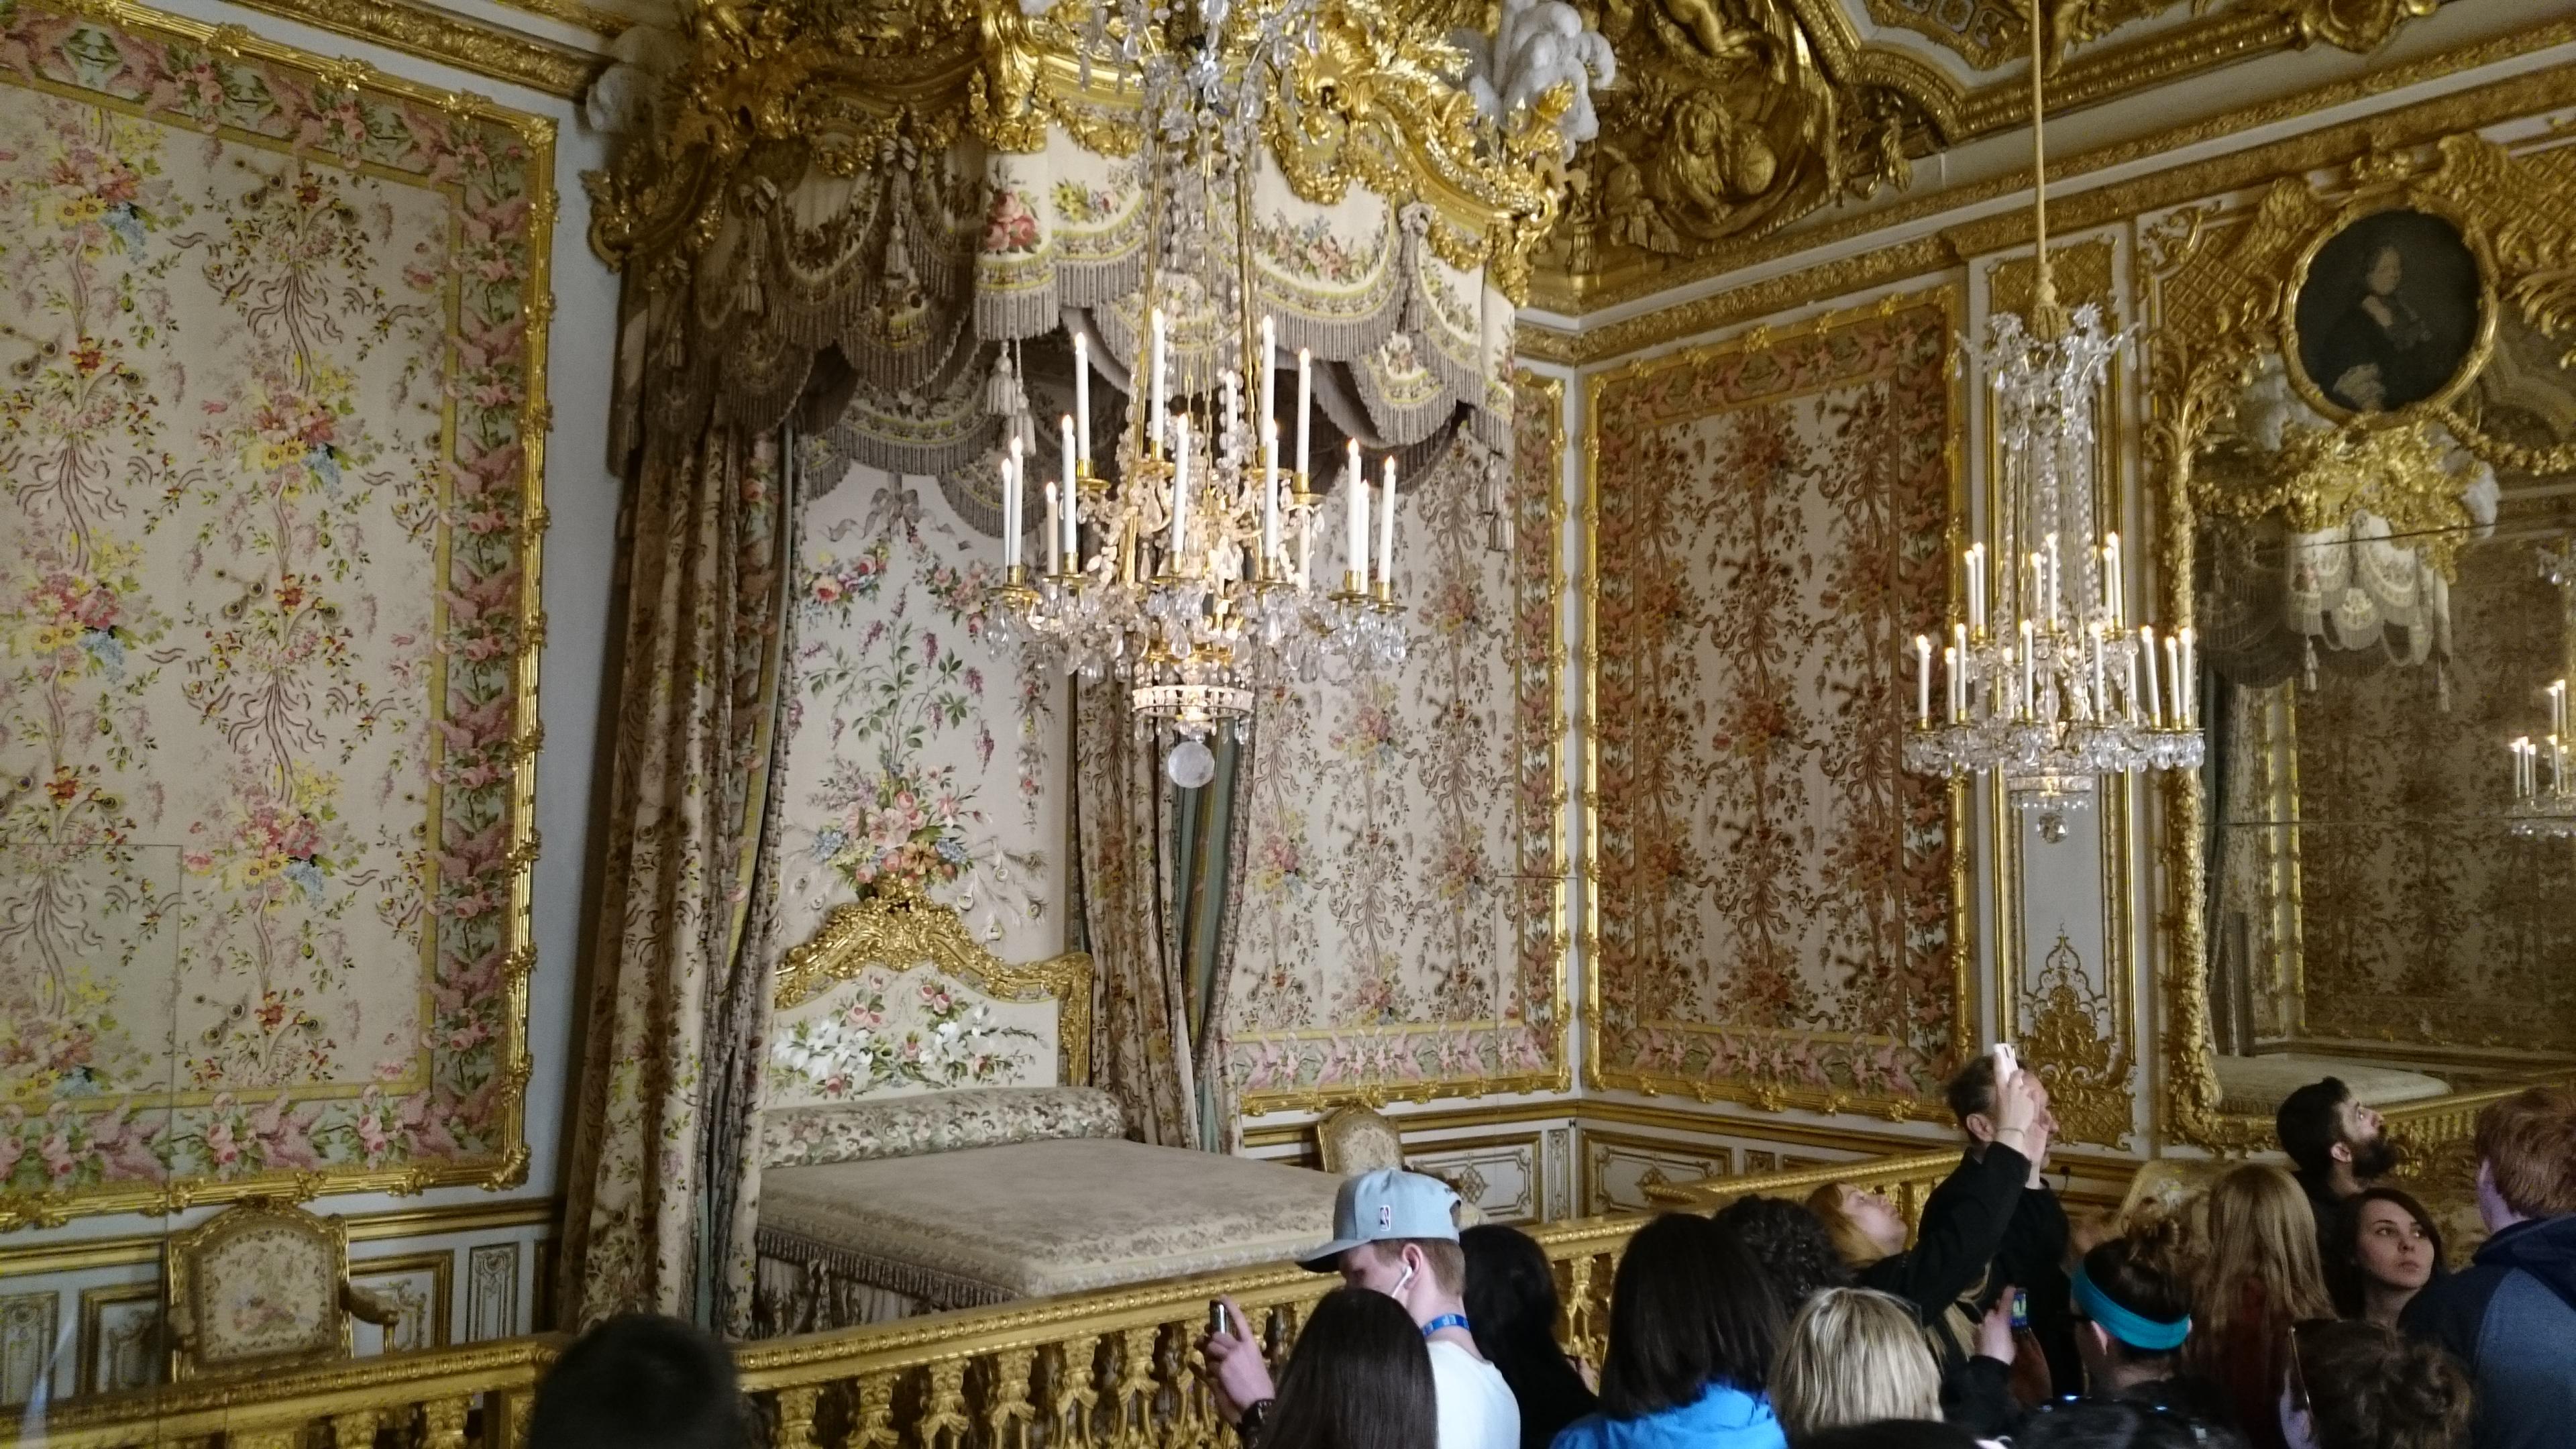 dsc 13901 - Visita al Palacio de Versalles: Como ir, cuanto cuesta y tips III/III